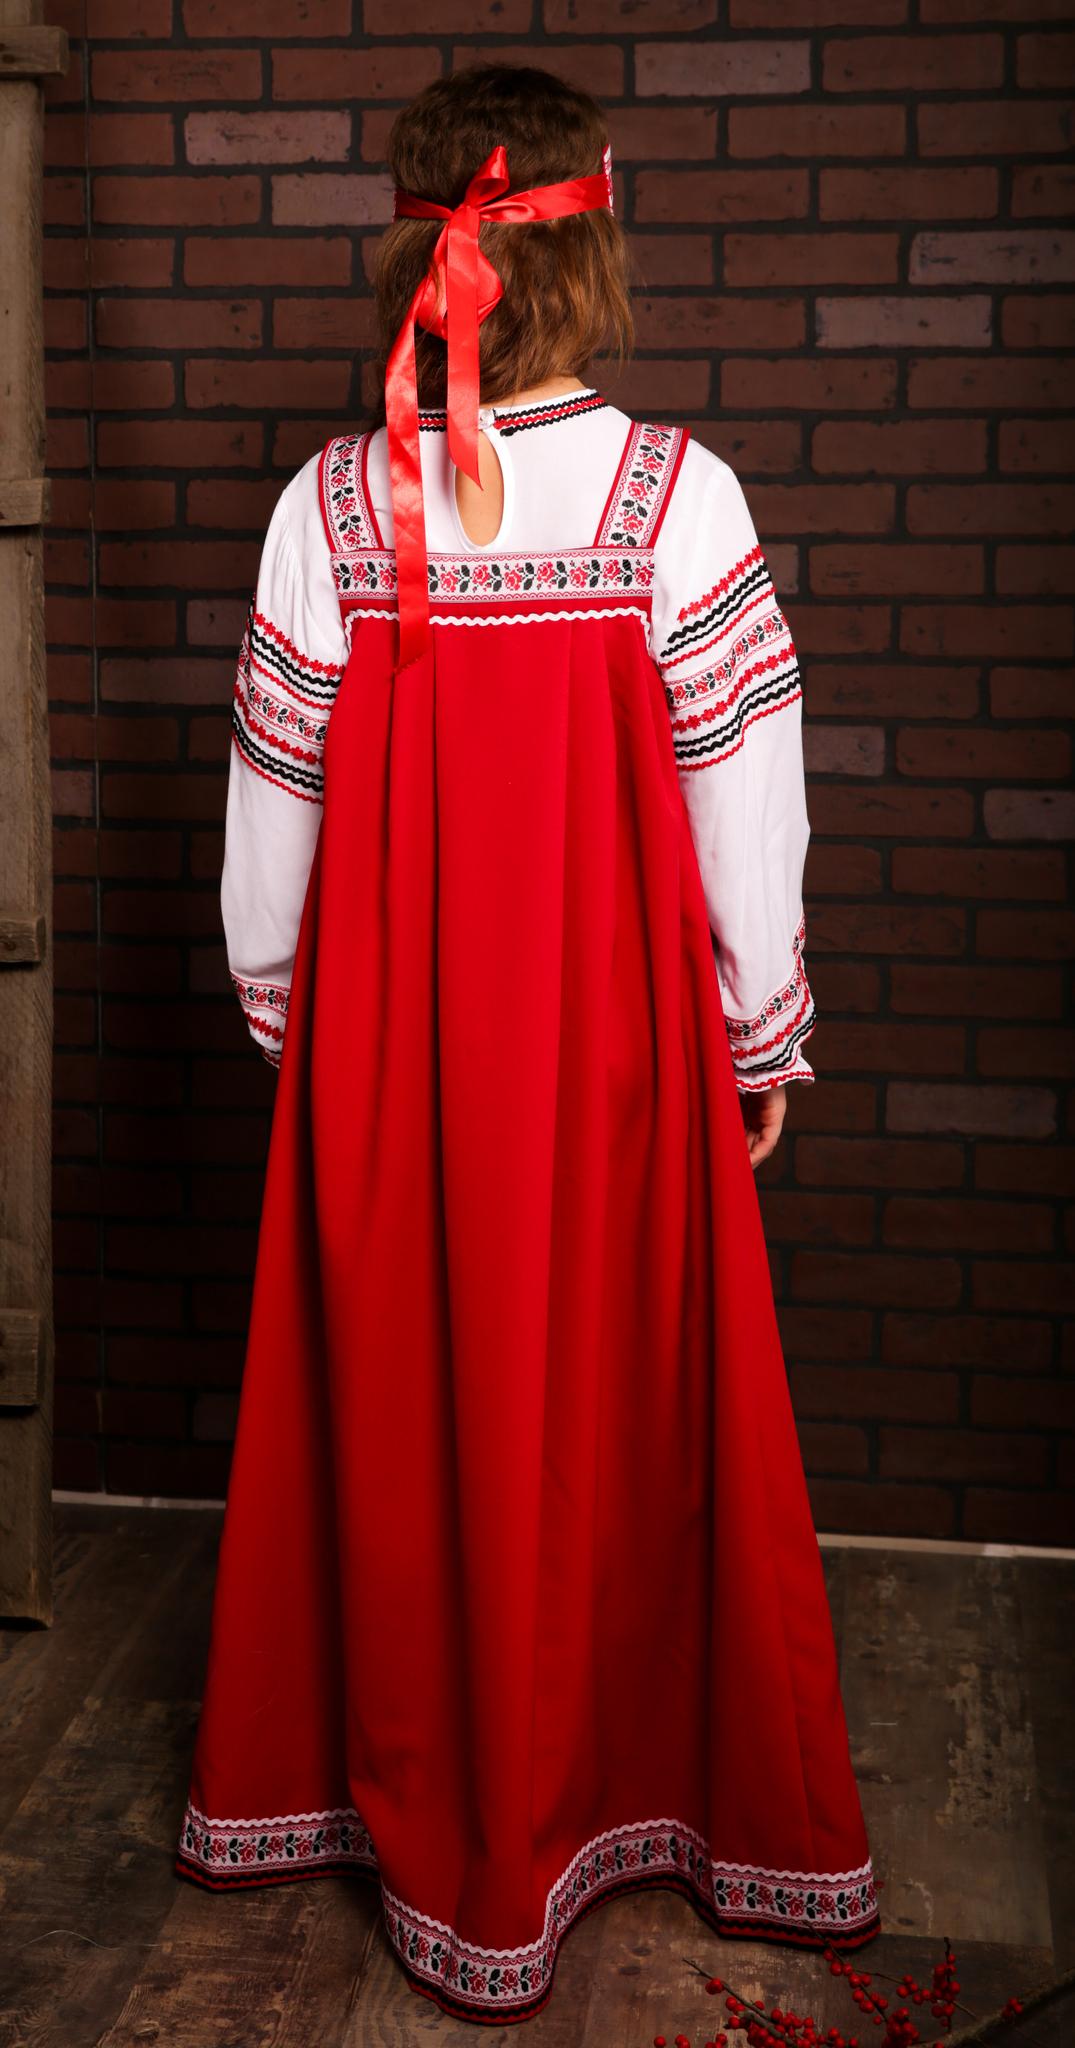 русские традиционные наряды с орнаментом Иванка